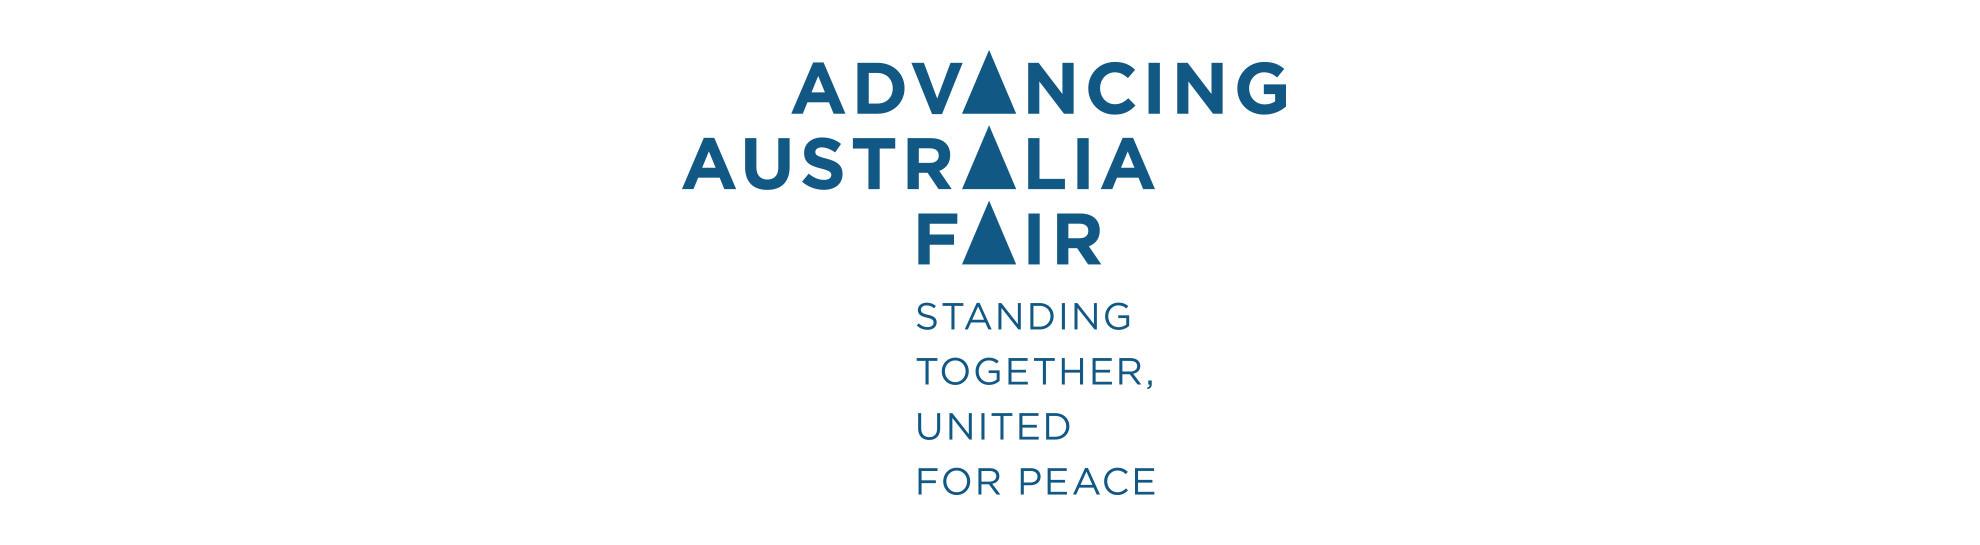 Advancing_Australia_Fair.jpg